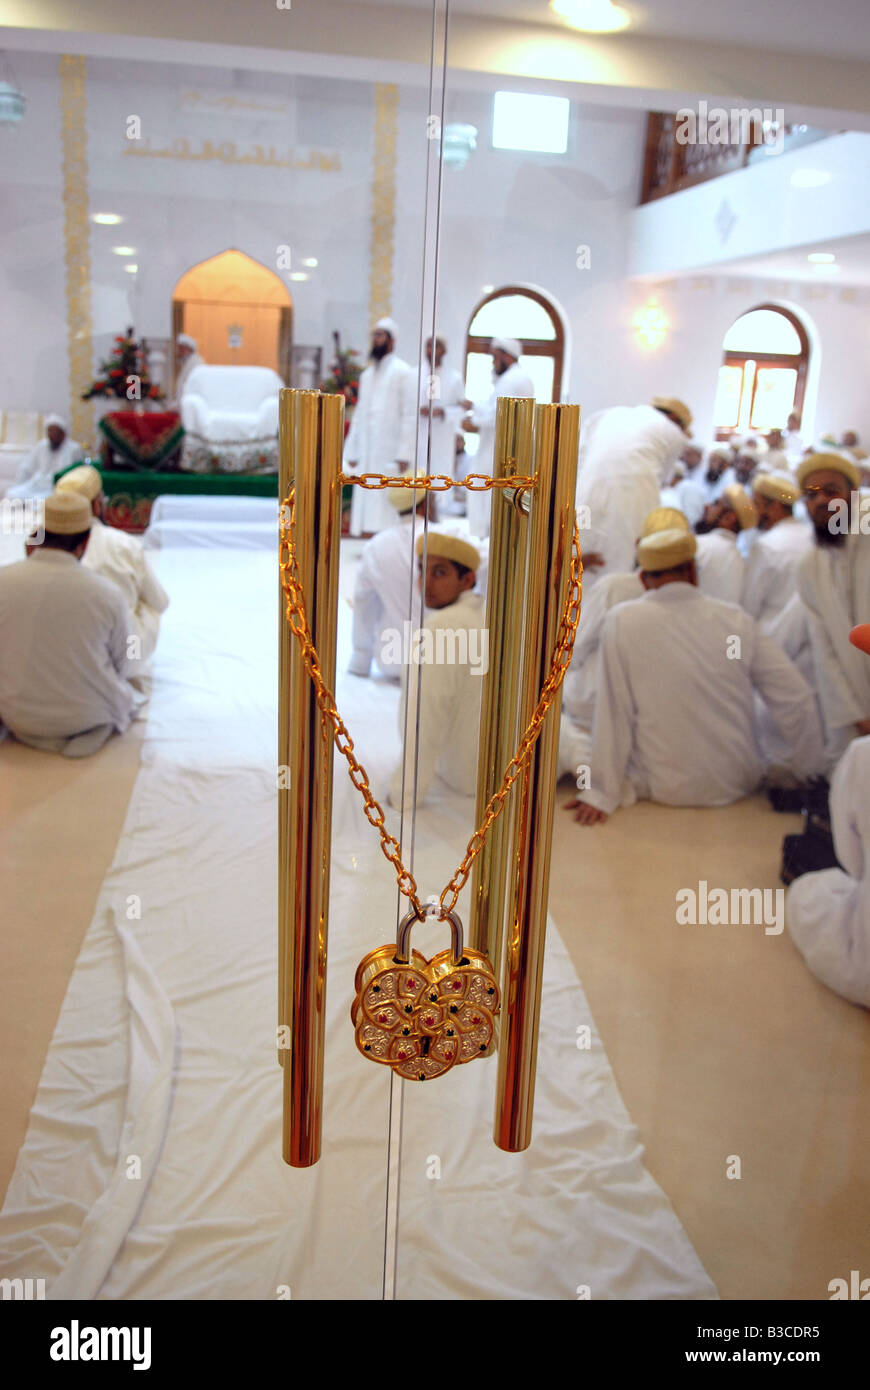 HH Syedna Mohammed Burhanuddin Führer der schiitischen Fatimad Tayyibi Zweig des Islam öffnet neue Moschee Stockbild